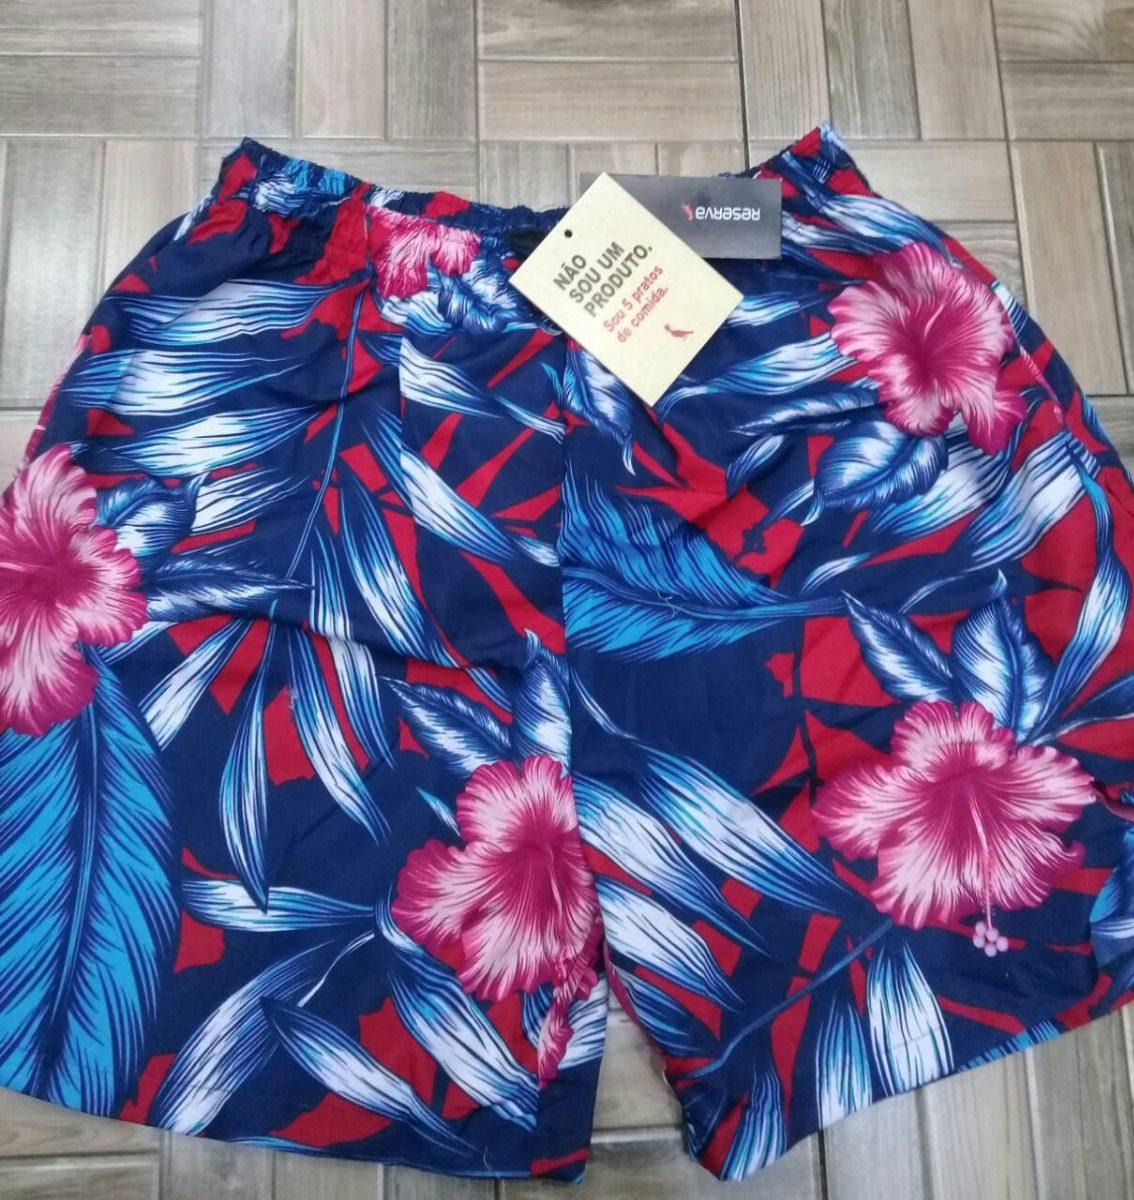 6174ae53d Short Bermuda Masculina Floral Praia Estampada Florido Verão - R$ 54,99 em Mercado  Livre